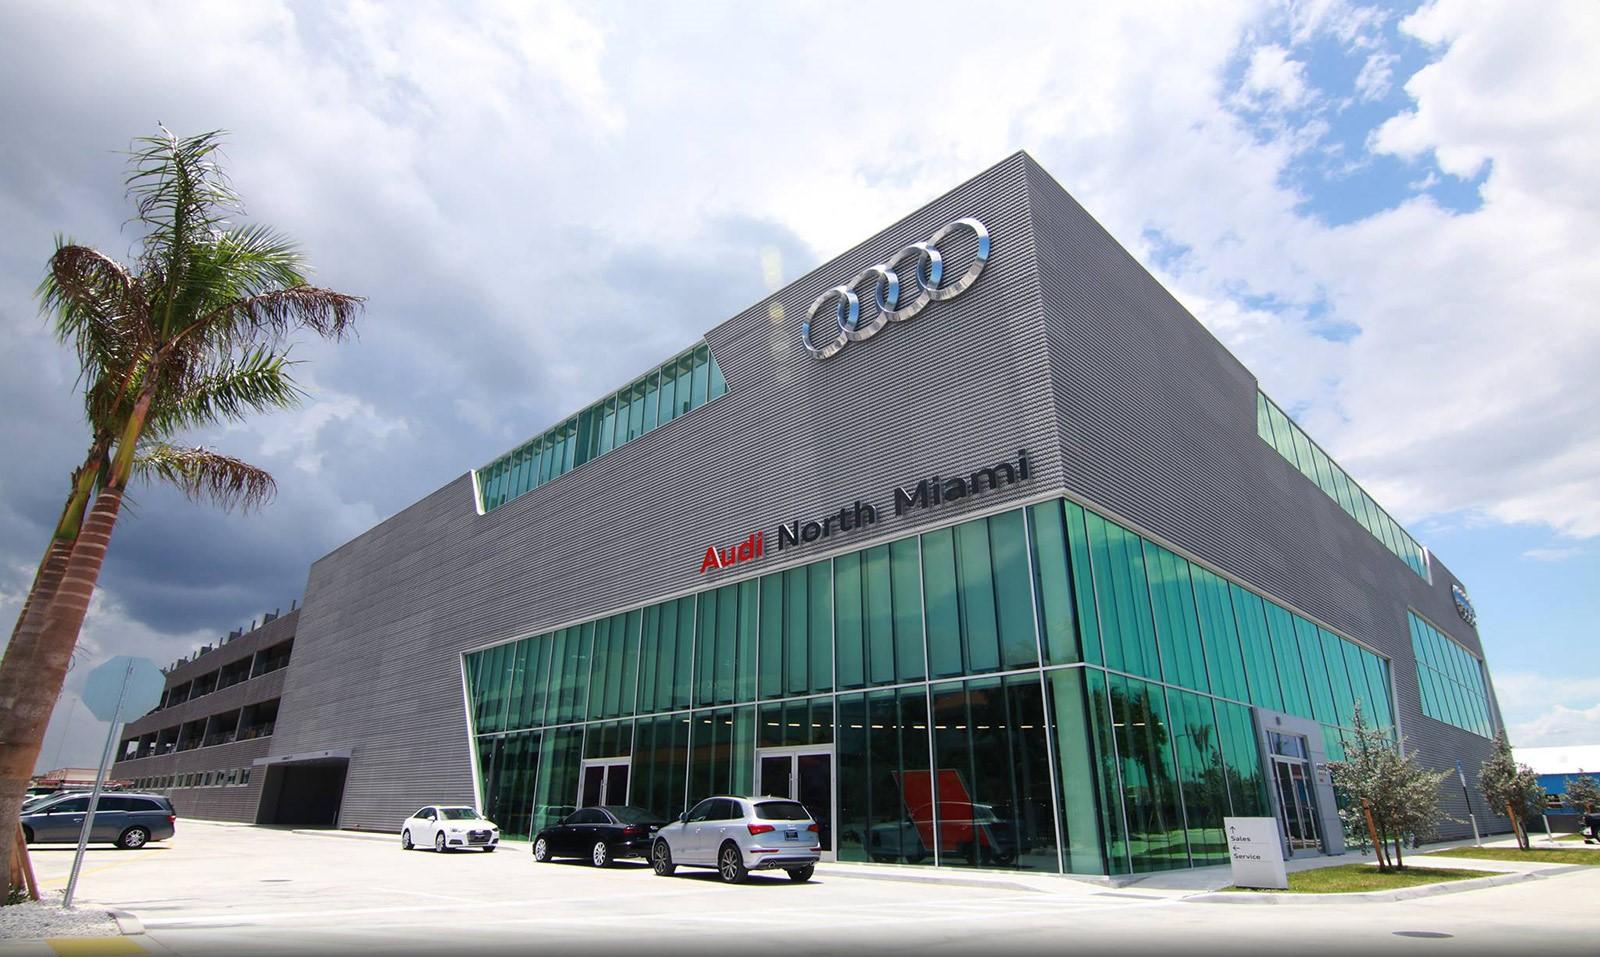 Audi-North-Miami-325.jpg